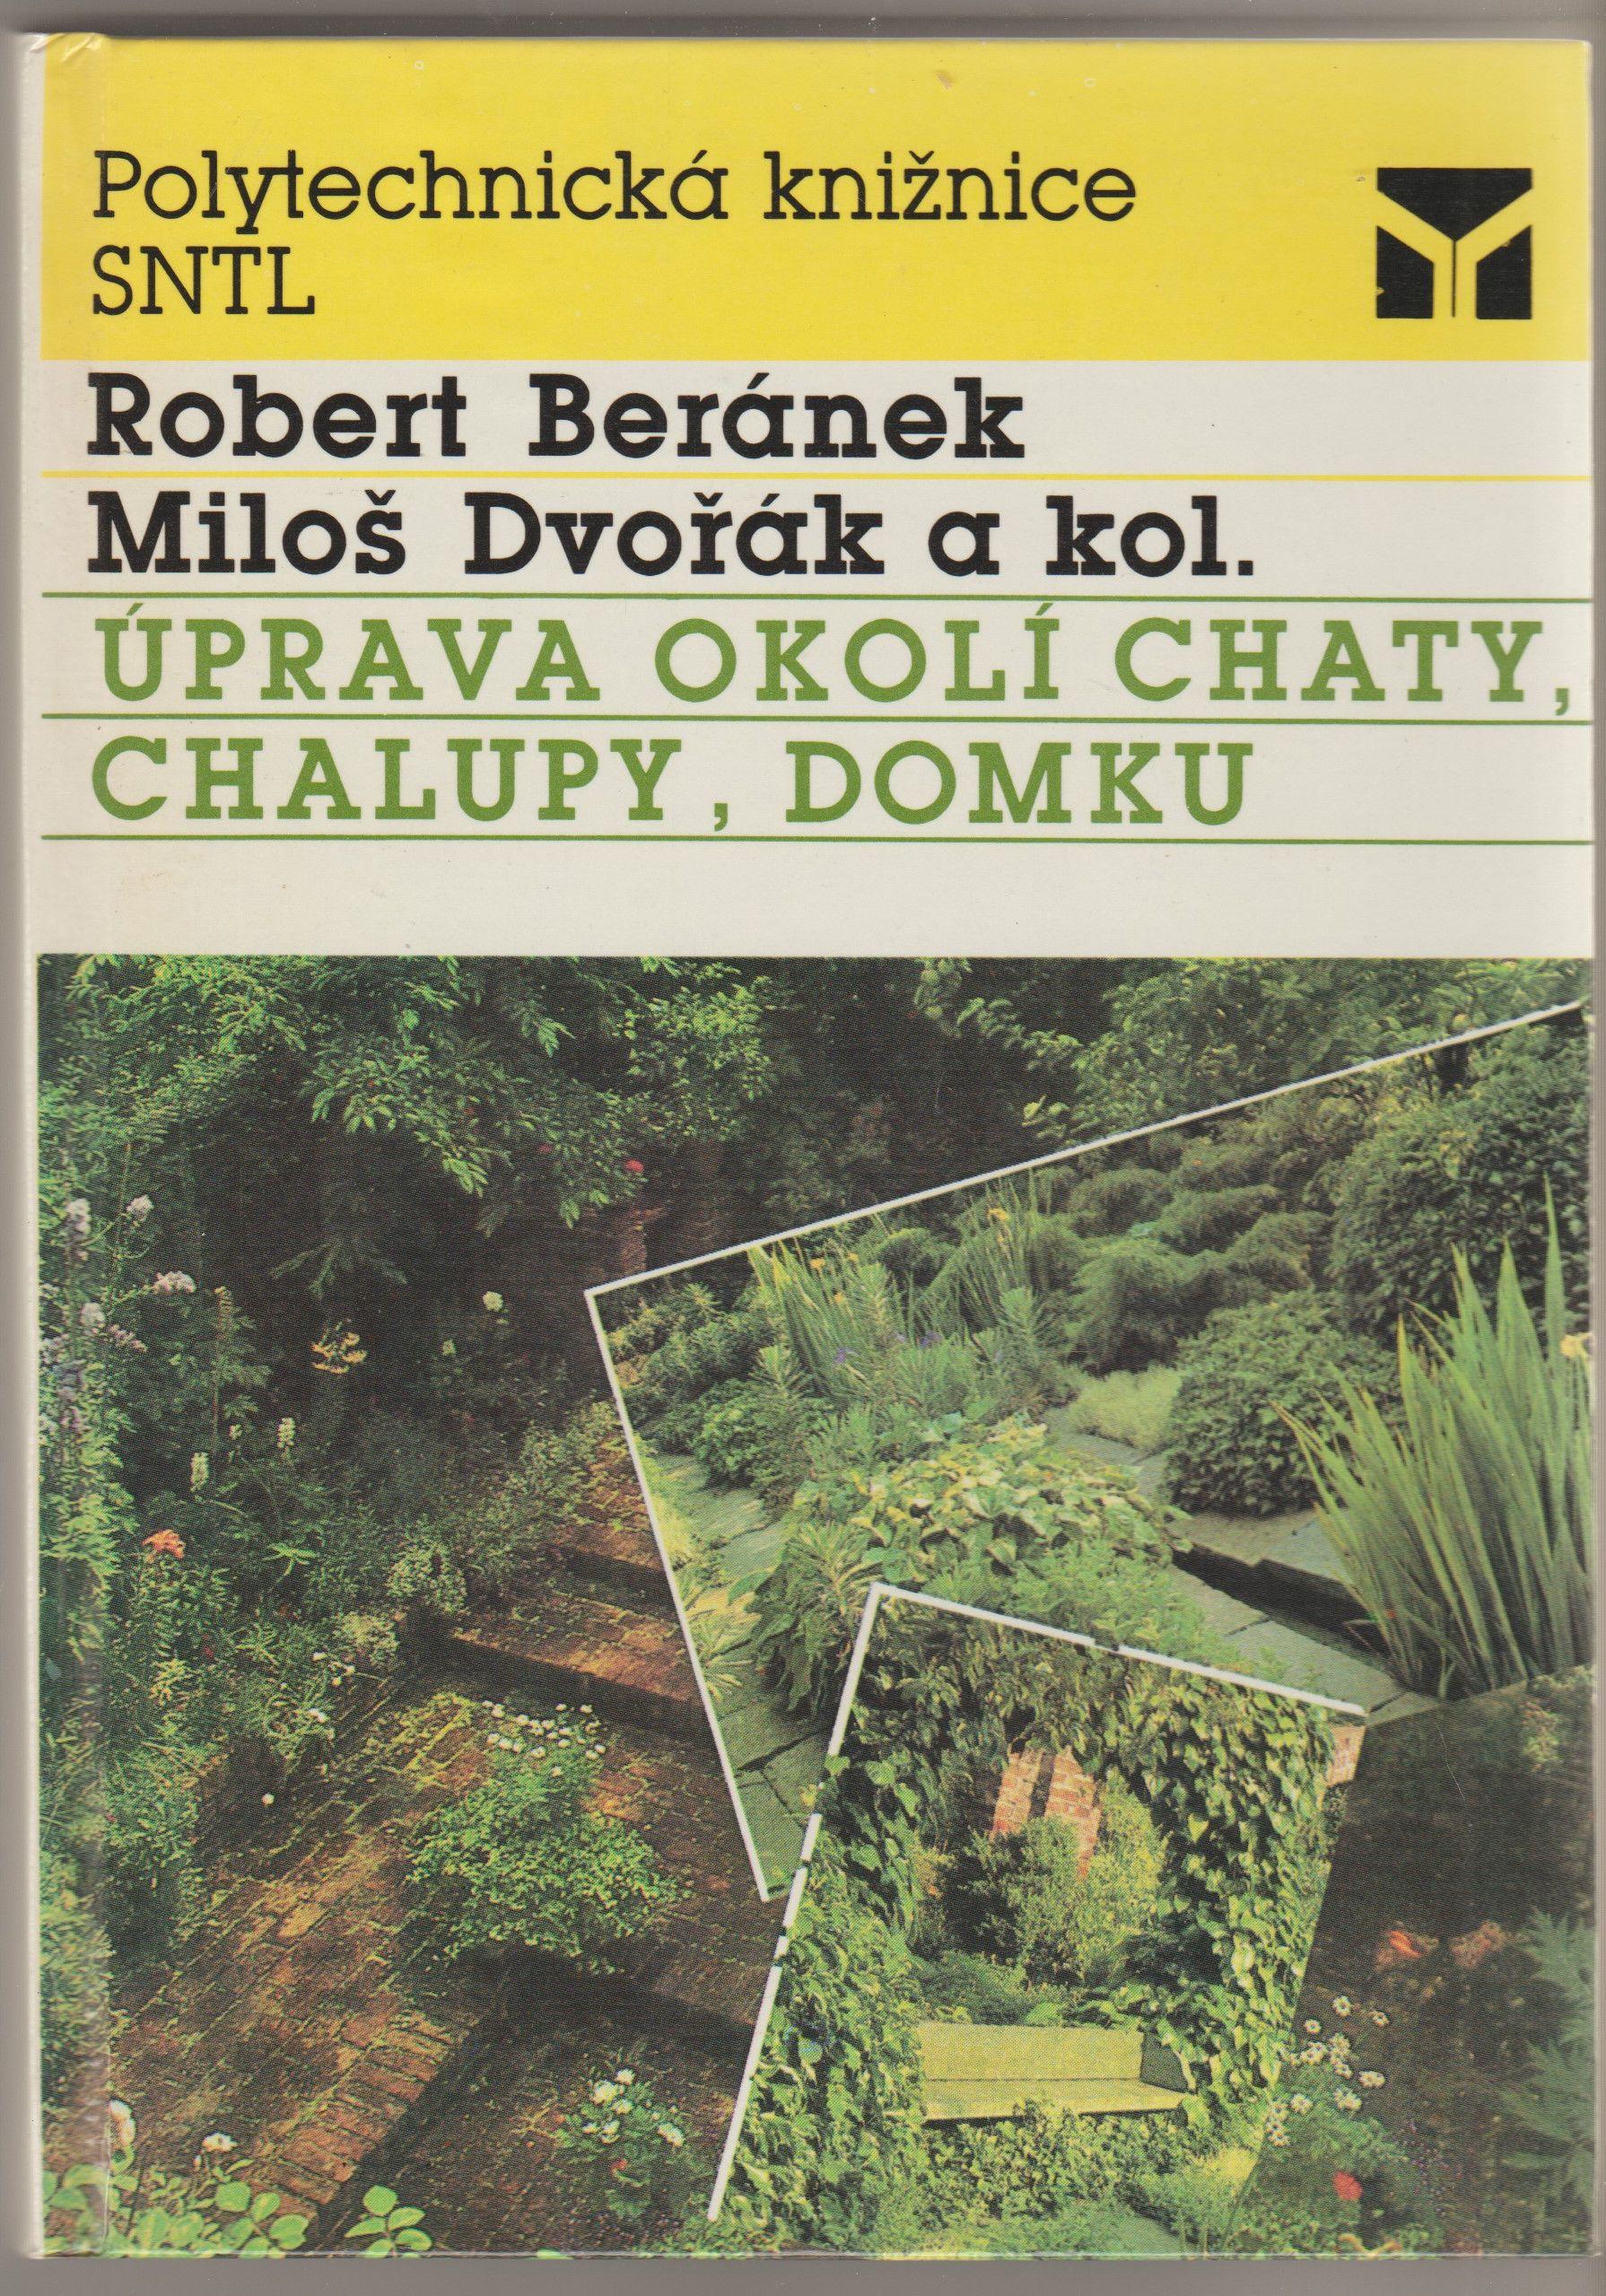 Úprava okolí chaty, chalupy, domku - Robert Beránek, Miloš Dvořák a kol.